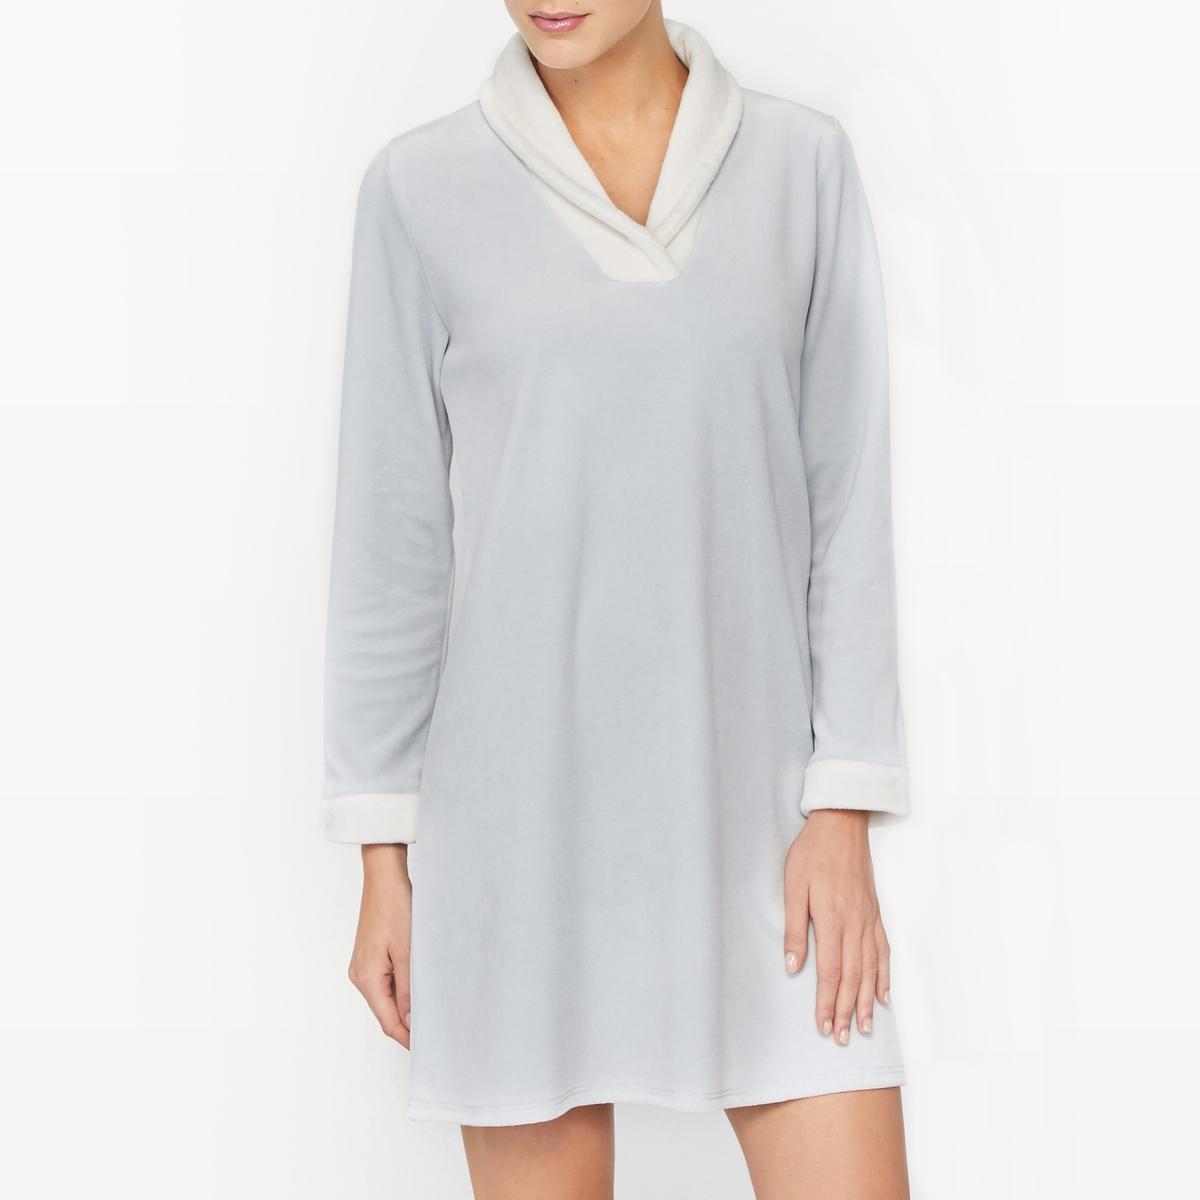 Рубашка ночная из велюра LolitaНочная рубашка из велюра Lolita. Мягкая и комфортная ткань. Длинные рукава. Шалевый воротник, края рукавов с имитацией меха контрастного цвета. Состав и описание Основной материал : велюр, 80% хлопка, 20% полиэстераДополнительный материал : имитация меха, 100% полиэстер Марка : LE CHATМодель : Lolita   Уход Машинная стирка при 30 °C в деликатном режимеСтирать с вещами схожих цветовМашинная сушка в деликатном режимеГладить при низкой температуре с изнаночной стороны - Не гладить воротник<br><br>Цвет: светло-серый